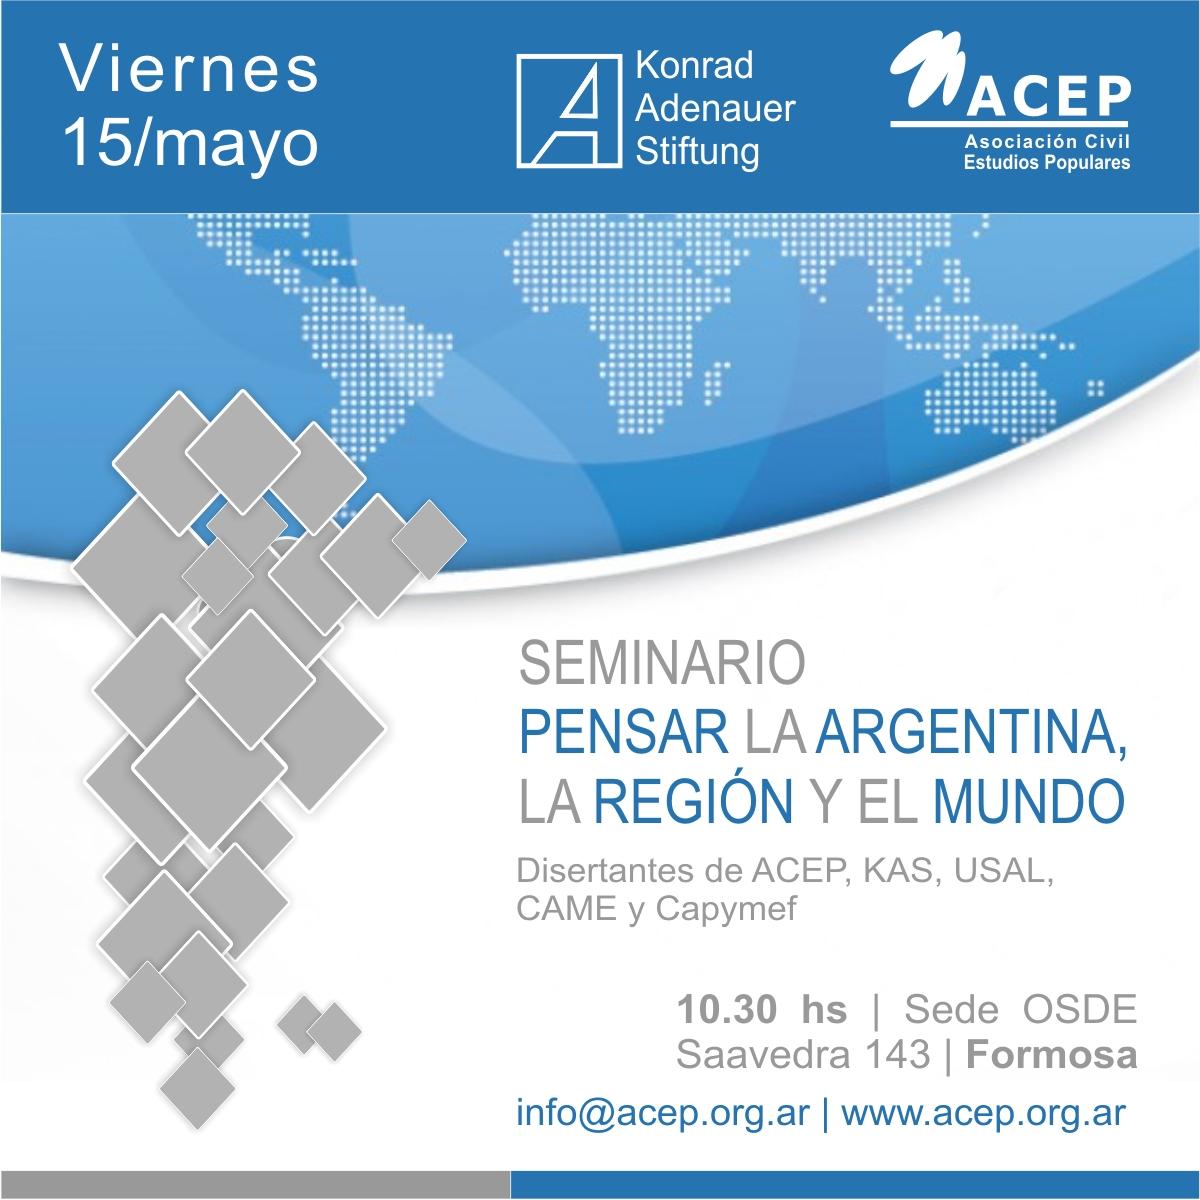 Seminarios Pensar la Argentina